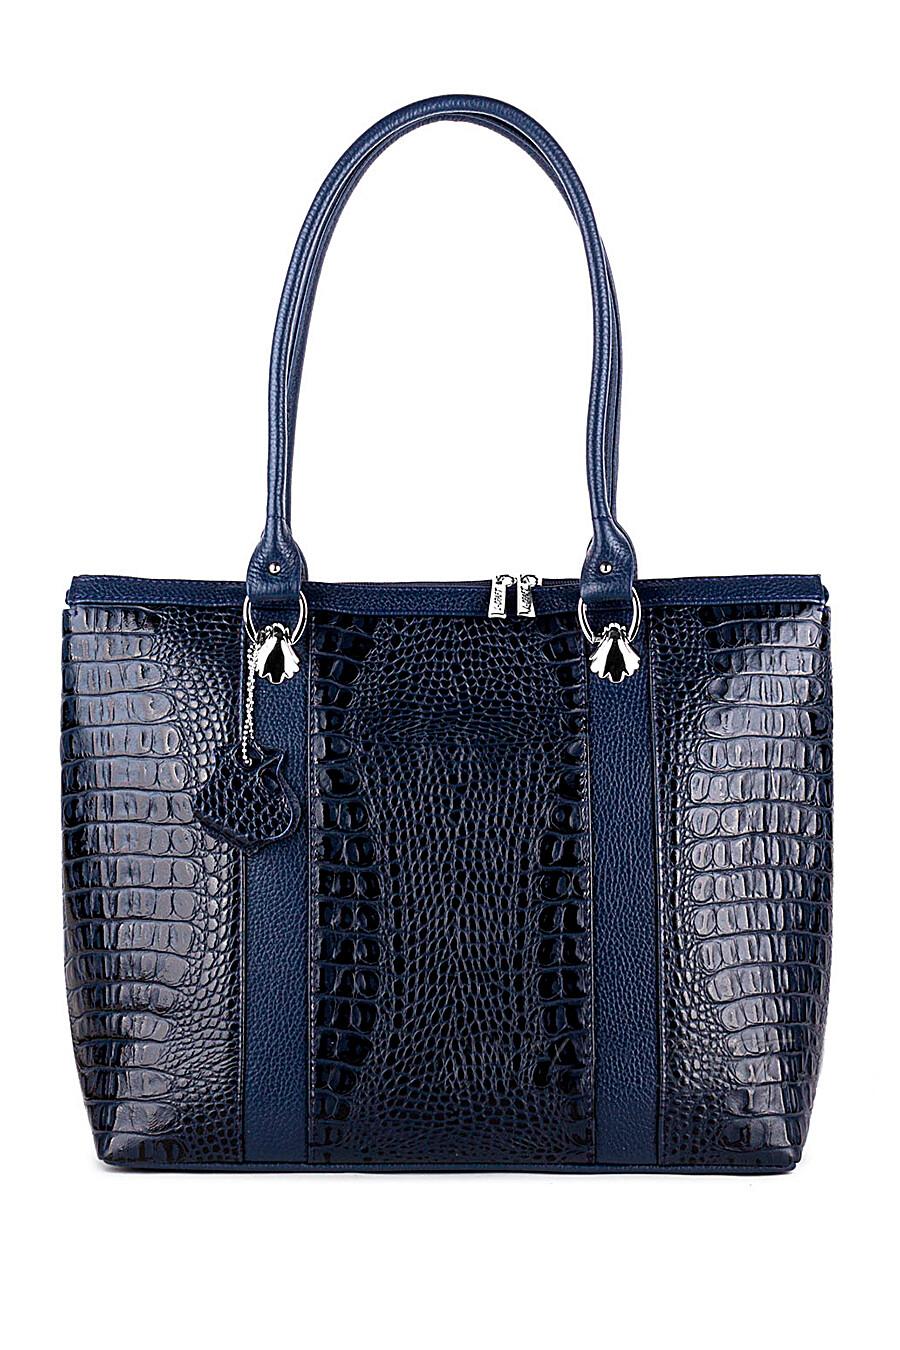 Сумка для женщин L-CRAFT 667902 купить оптом от производителя. Совместная покупка женской одежды в OptMoyo